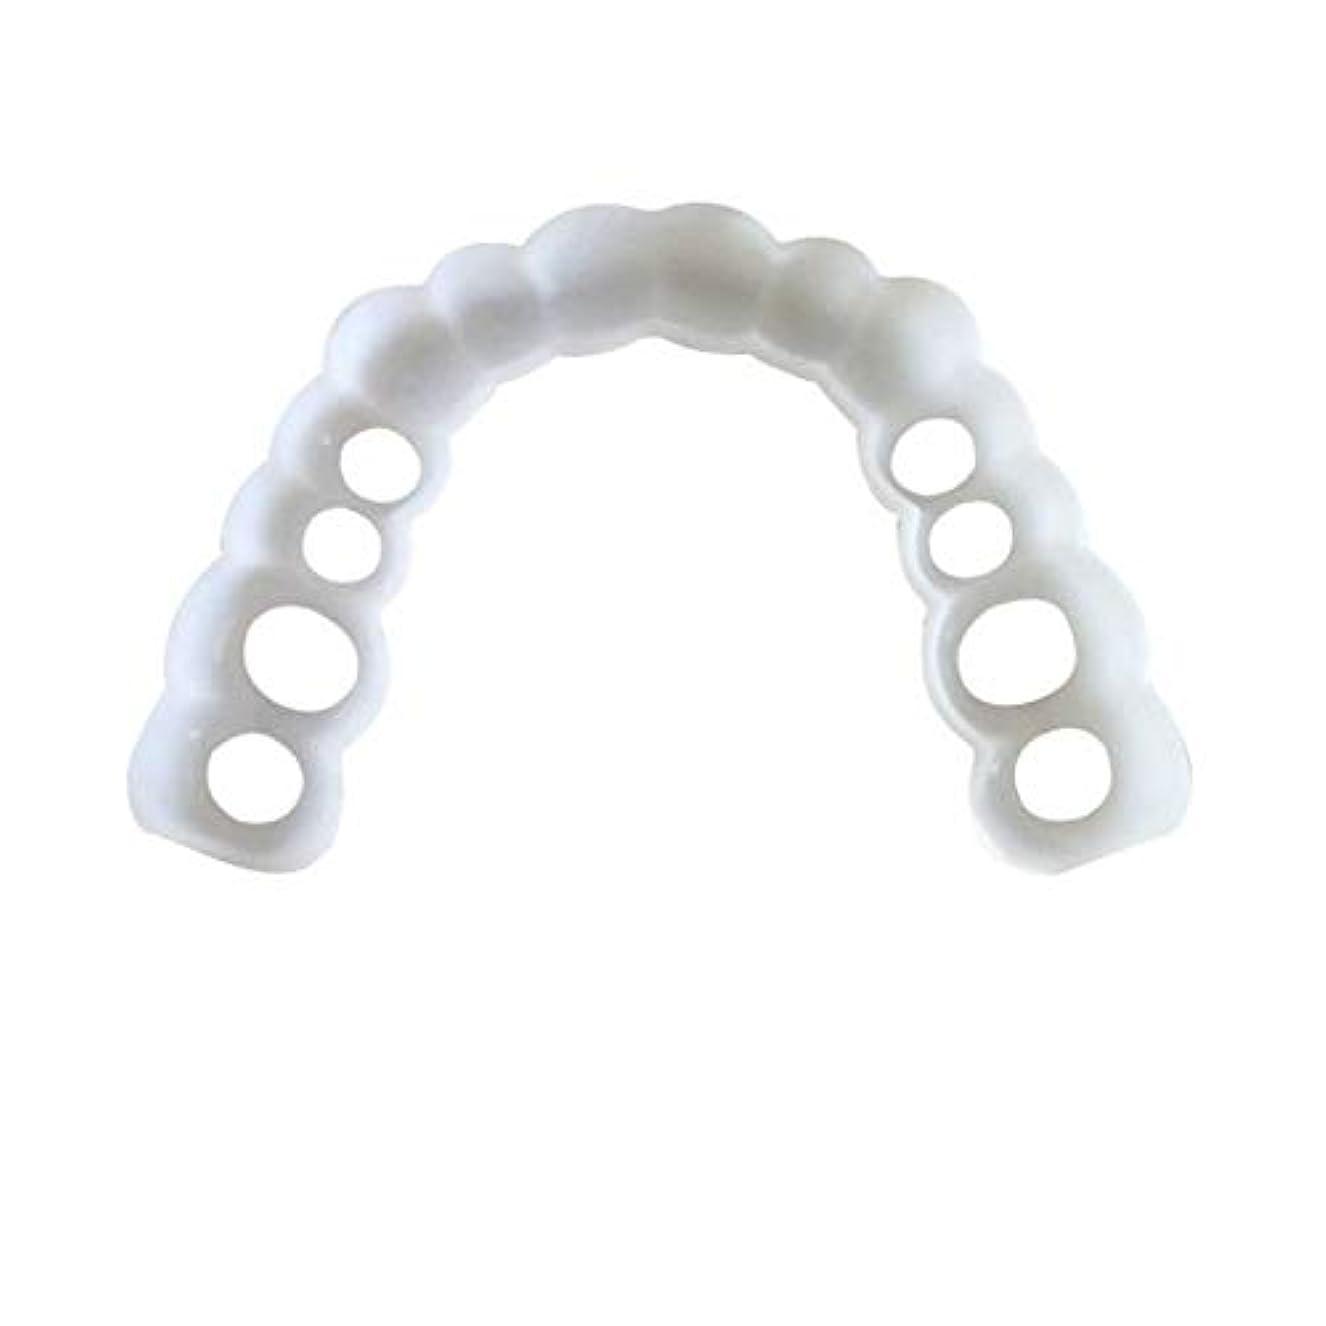 ハイジャック悪化する費やす777/5000 1組の一時的な化粧品の歯義歯の歯の化粧品の模擬装具アッパーブレース+ロワーブレース、インスタント快適なフレックスパーフェクトベニア上の歯のスナップキャップ